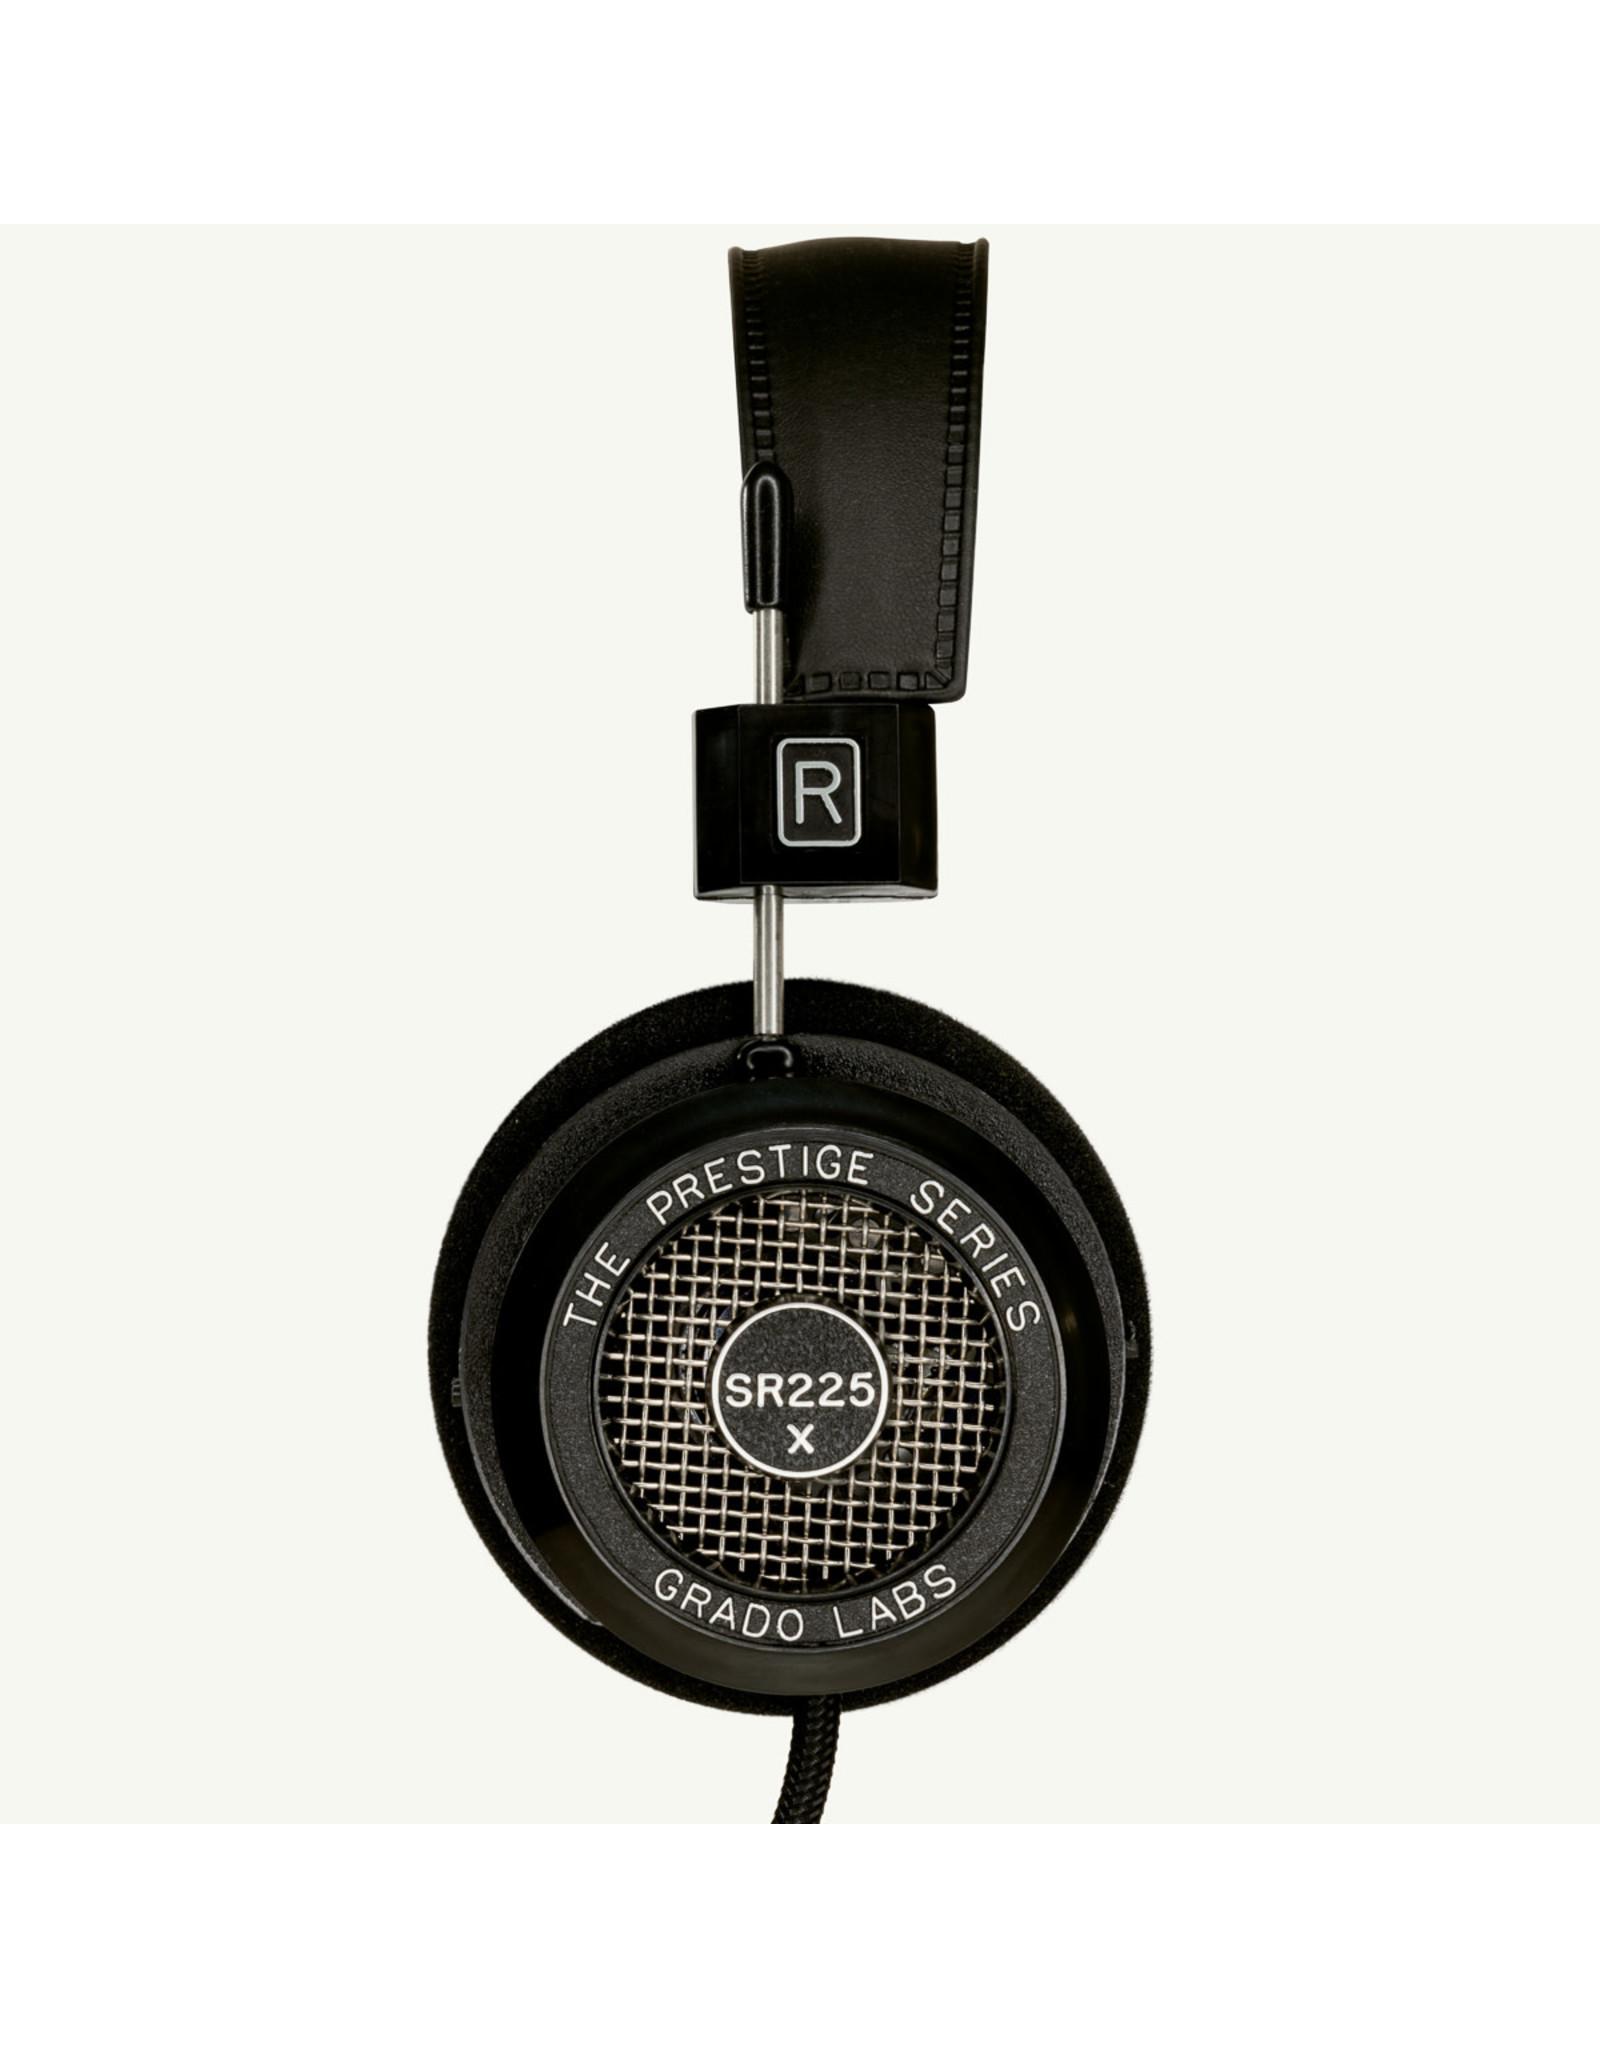 Grado Labs Grado Prestige SR225x Headphones